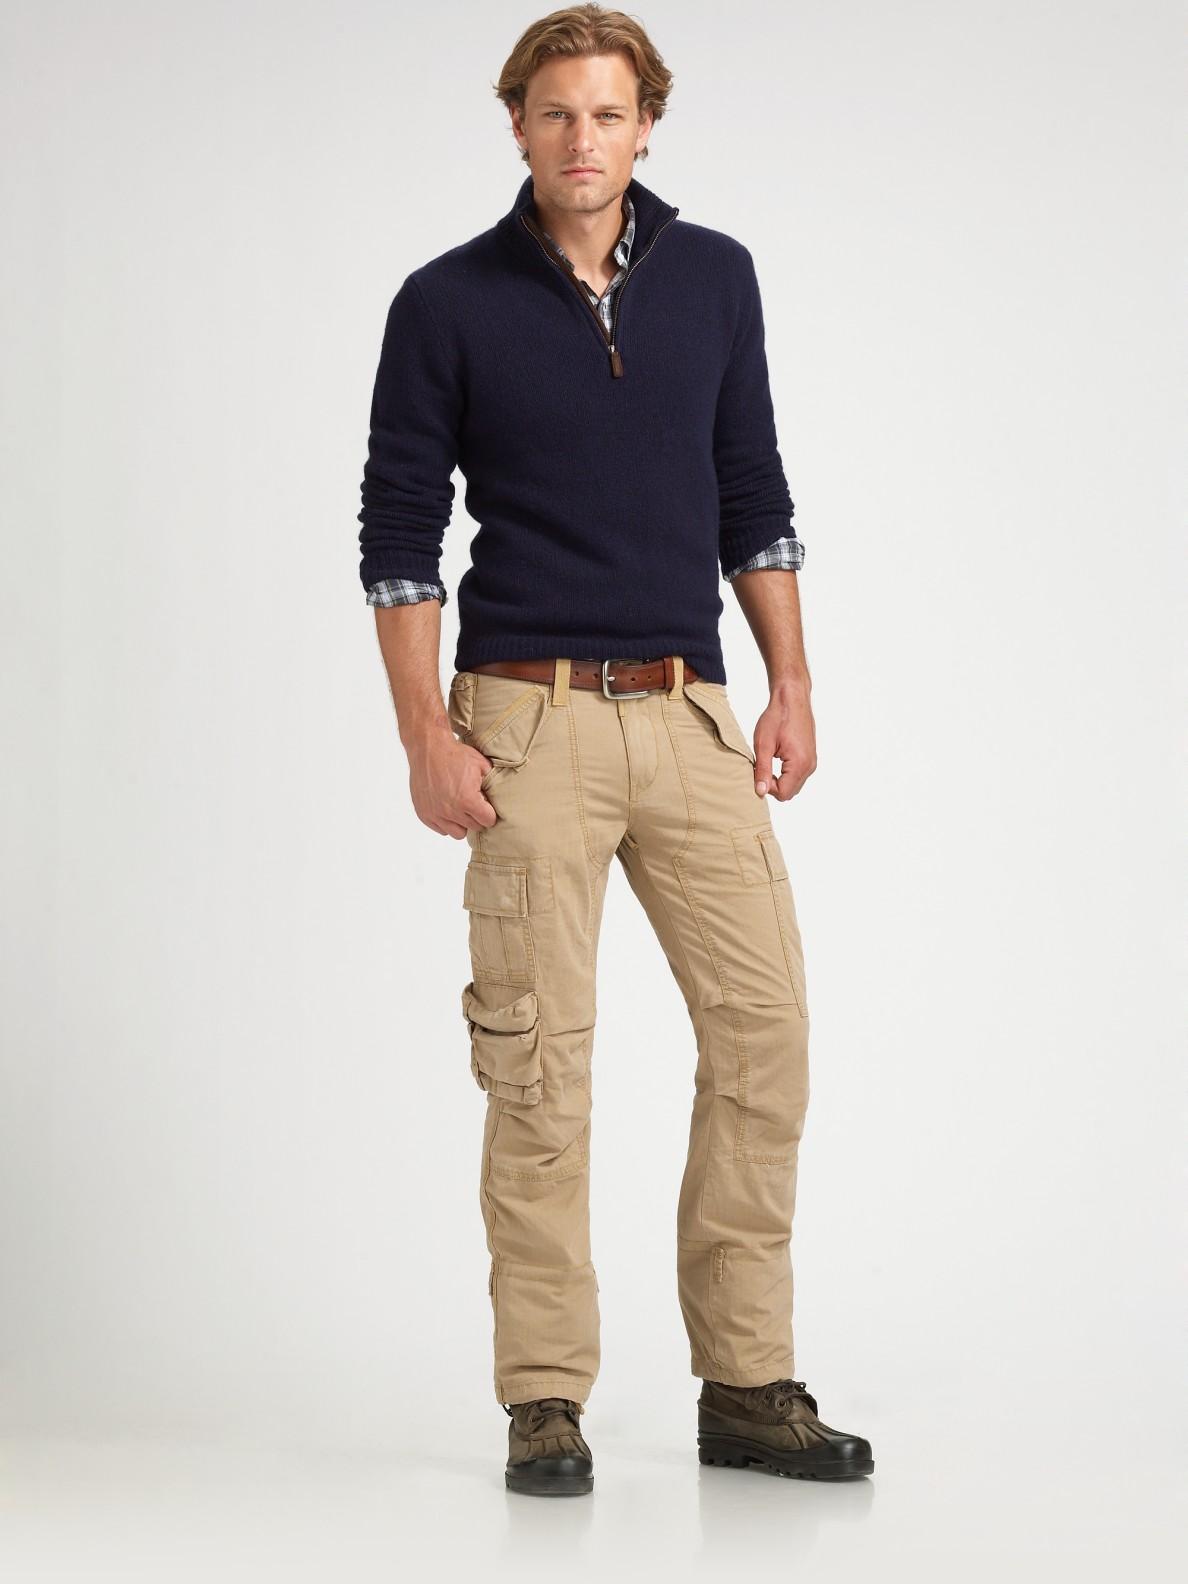 Polo ralph lauren Half-zip Merino Sweater in Blue for Men | Lyst